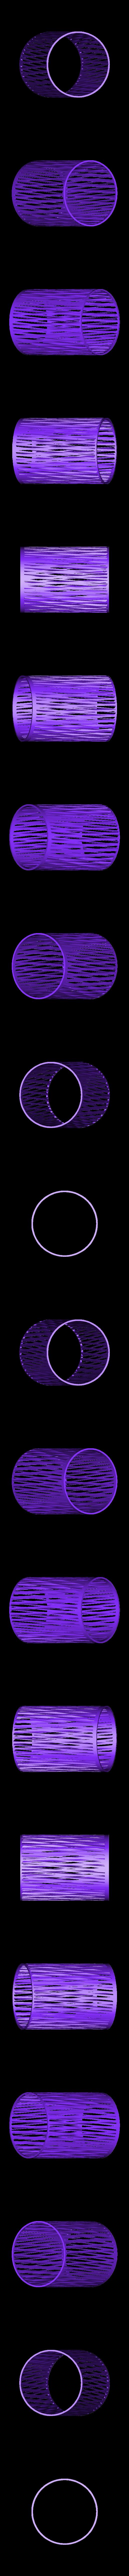 Ydre_skal.stl Download free STL file B&O Speaker: Creative 9 • 3D printable design, Werthrante